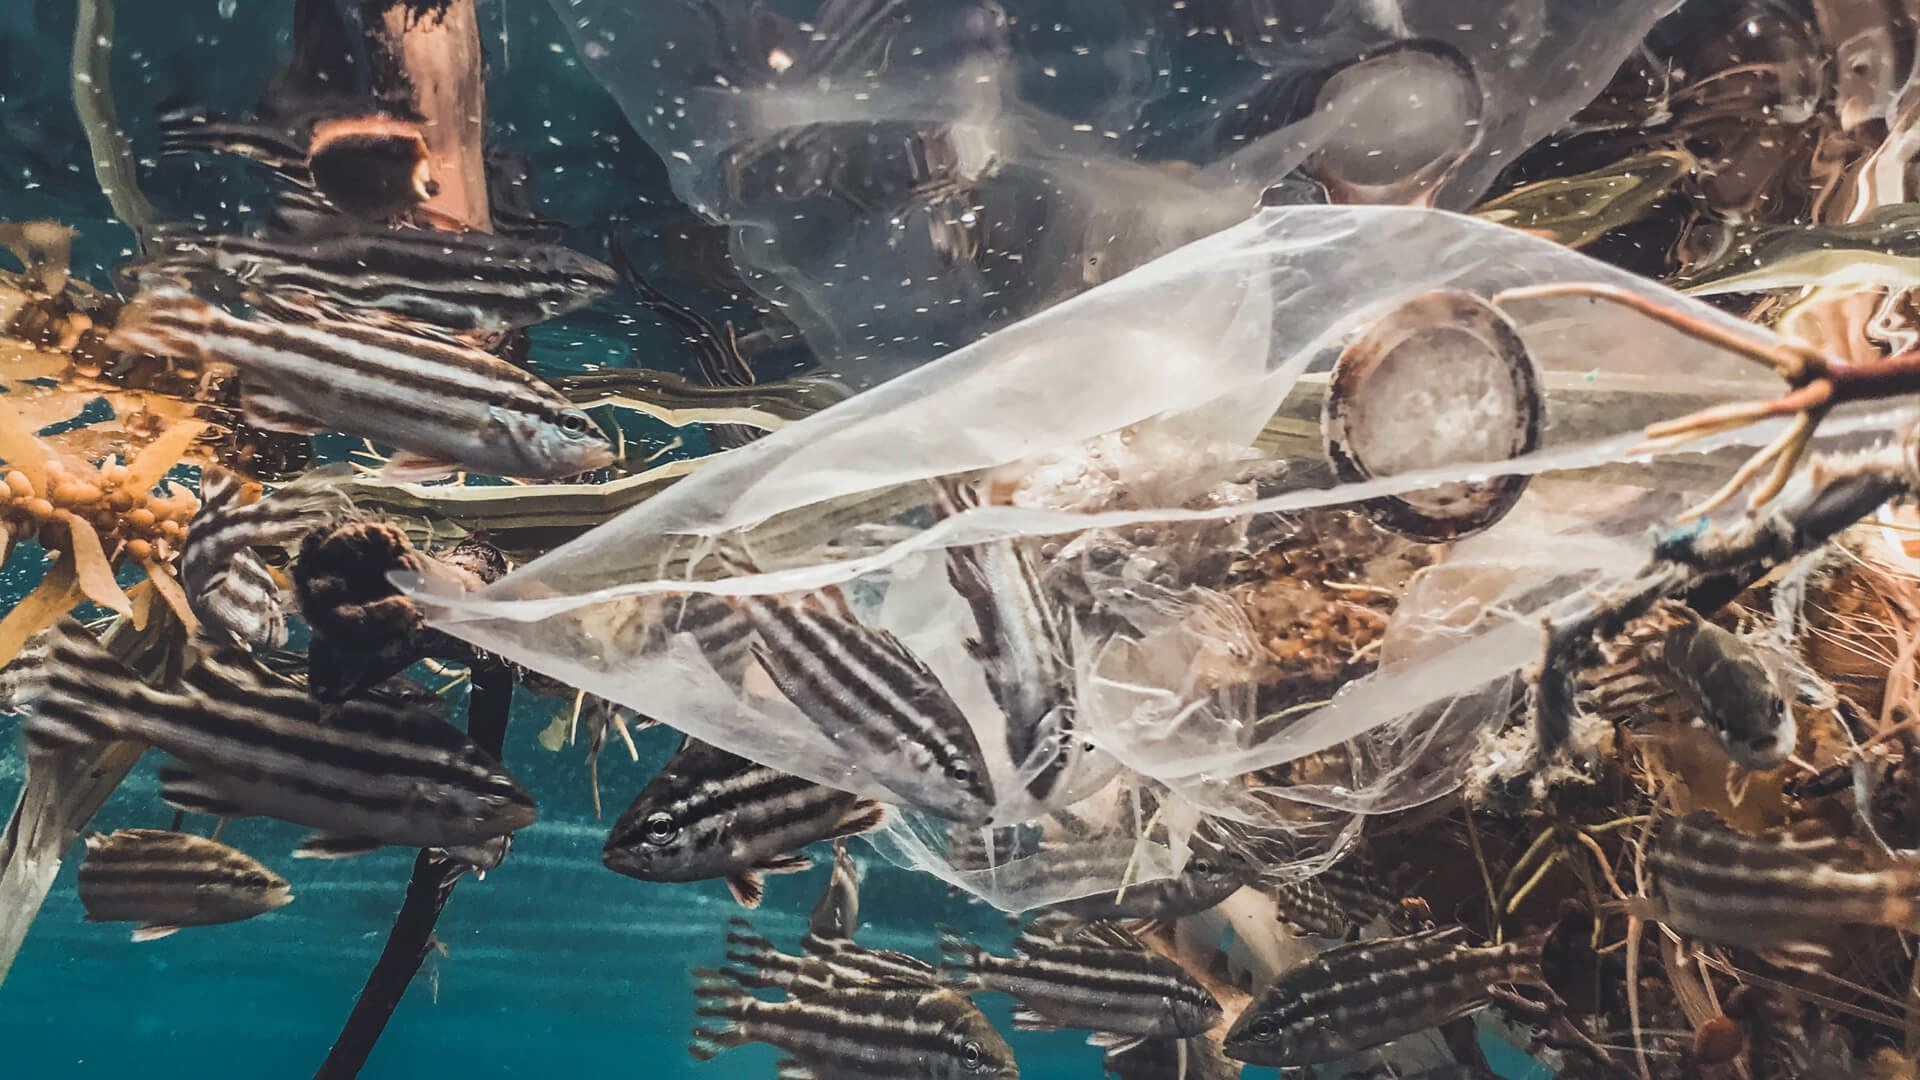 Peixes no mar junto a plásticos